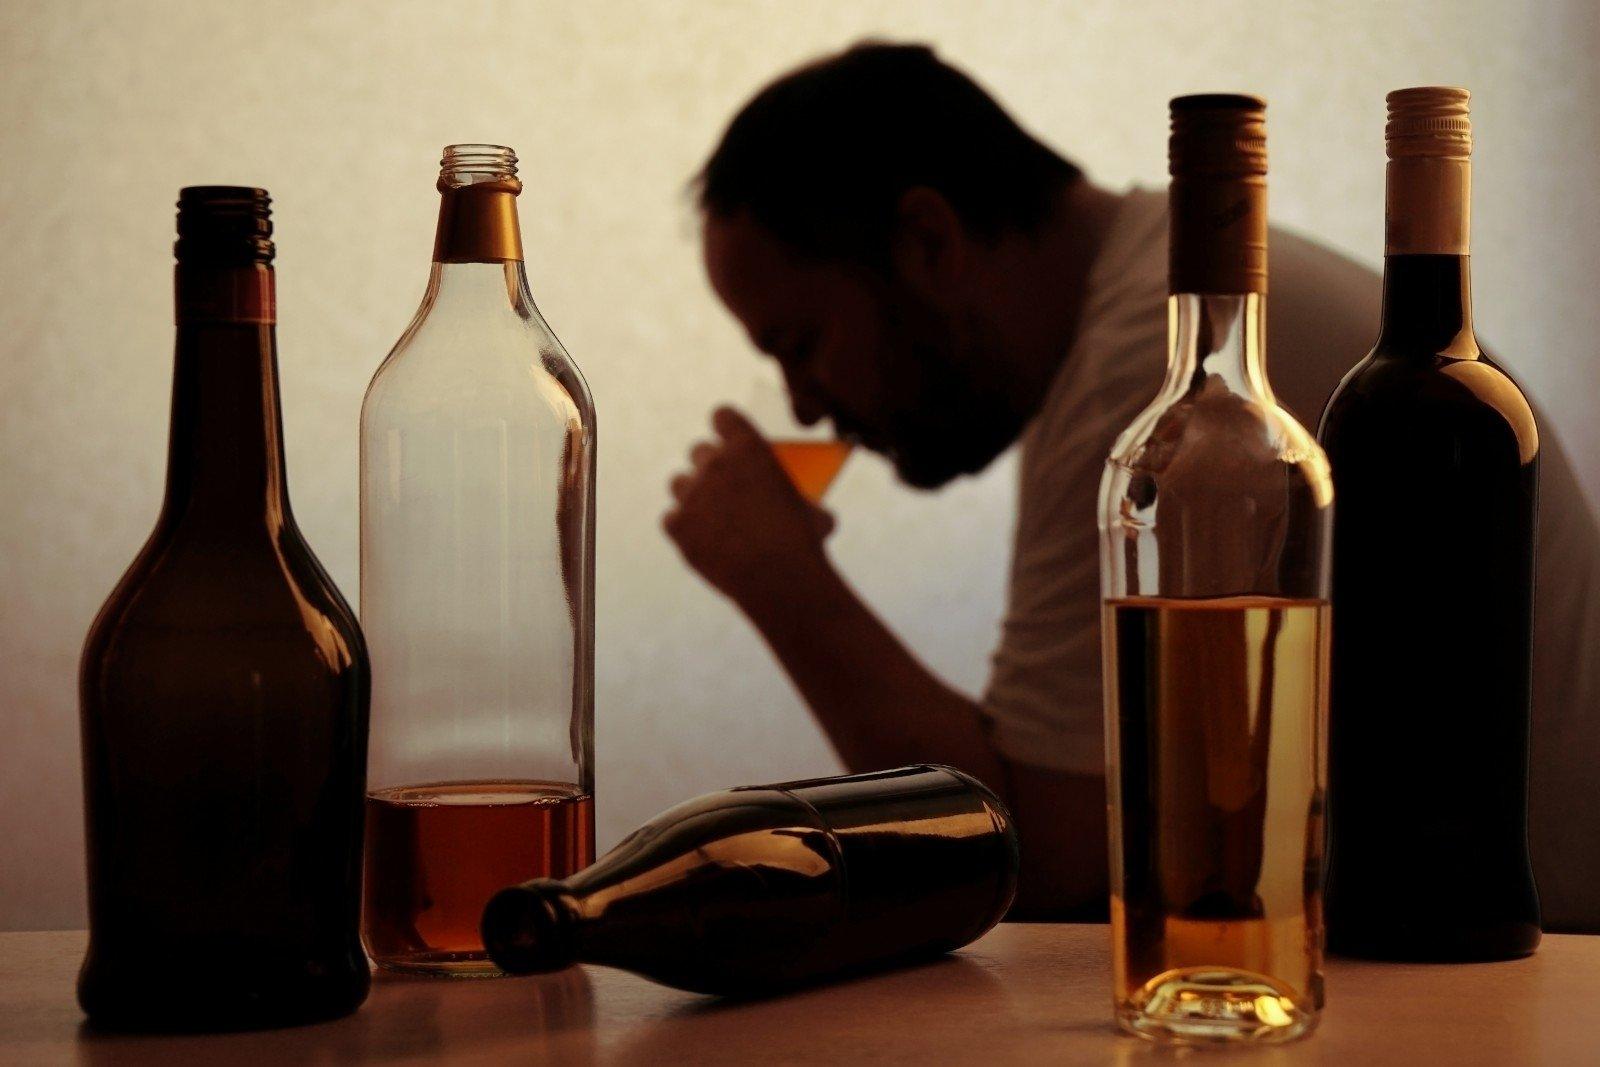 Pavartojus alkoholio–sunkumas krūtinėjusukalve.lt tai galėtų būti?